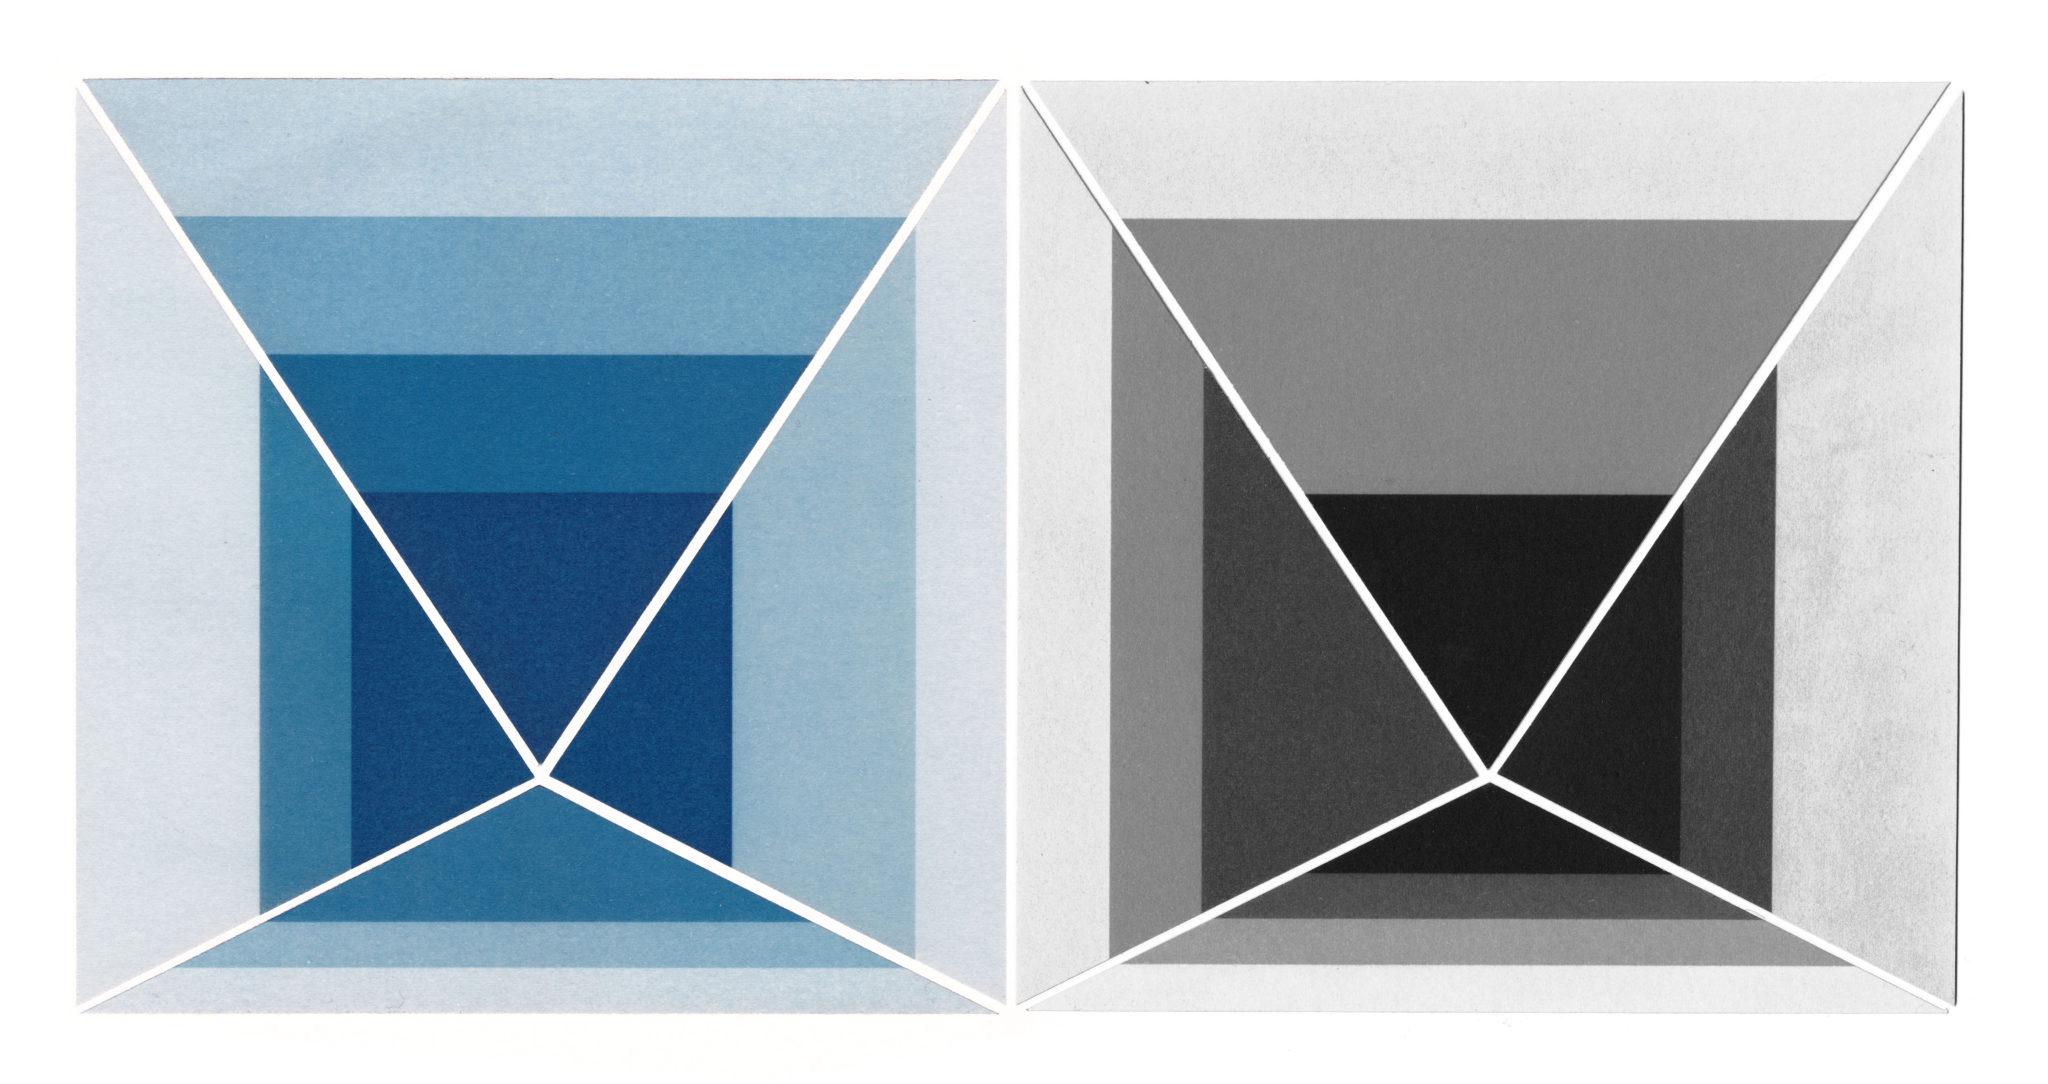 Edouard Taufenbach, Etudes pour LA MÉTHODE, série de 96 variations sur la série Homage to the Square de Josef Albers, 2019 cyanotype et palladiotype – collages en pièces uniques – 32,5 x 32,5 cm, courtesy galerie Binome